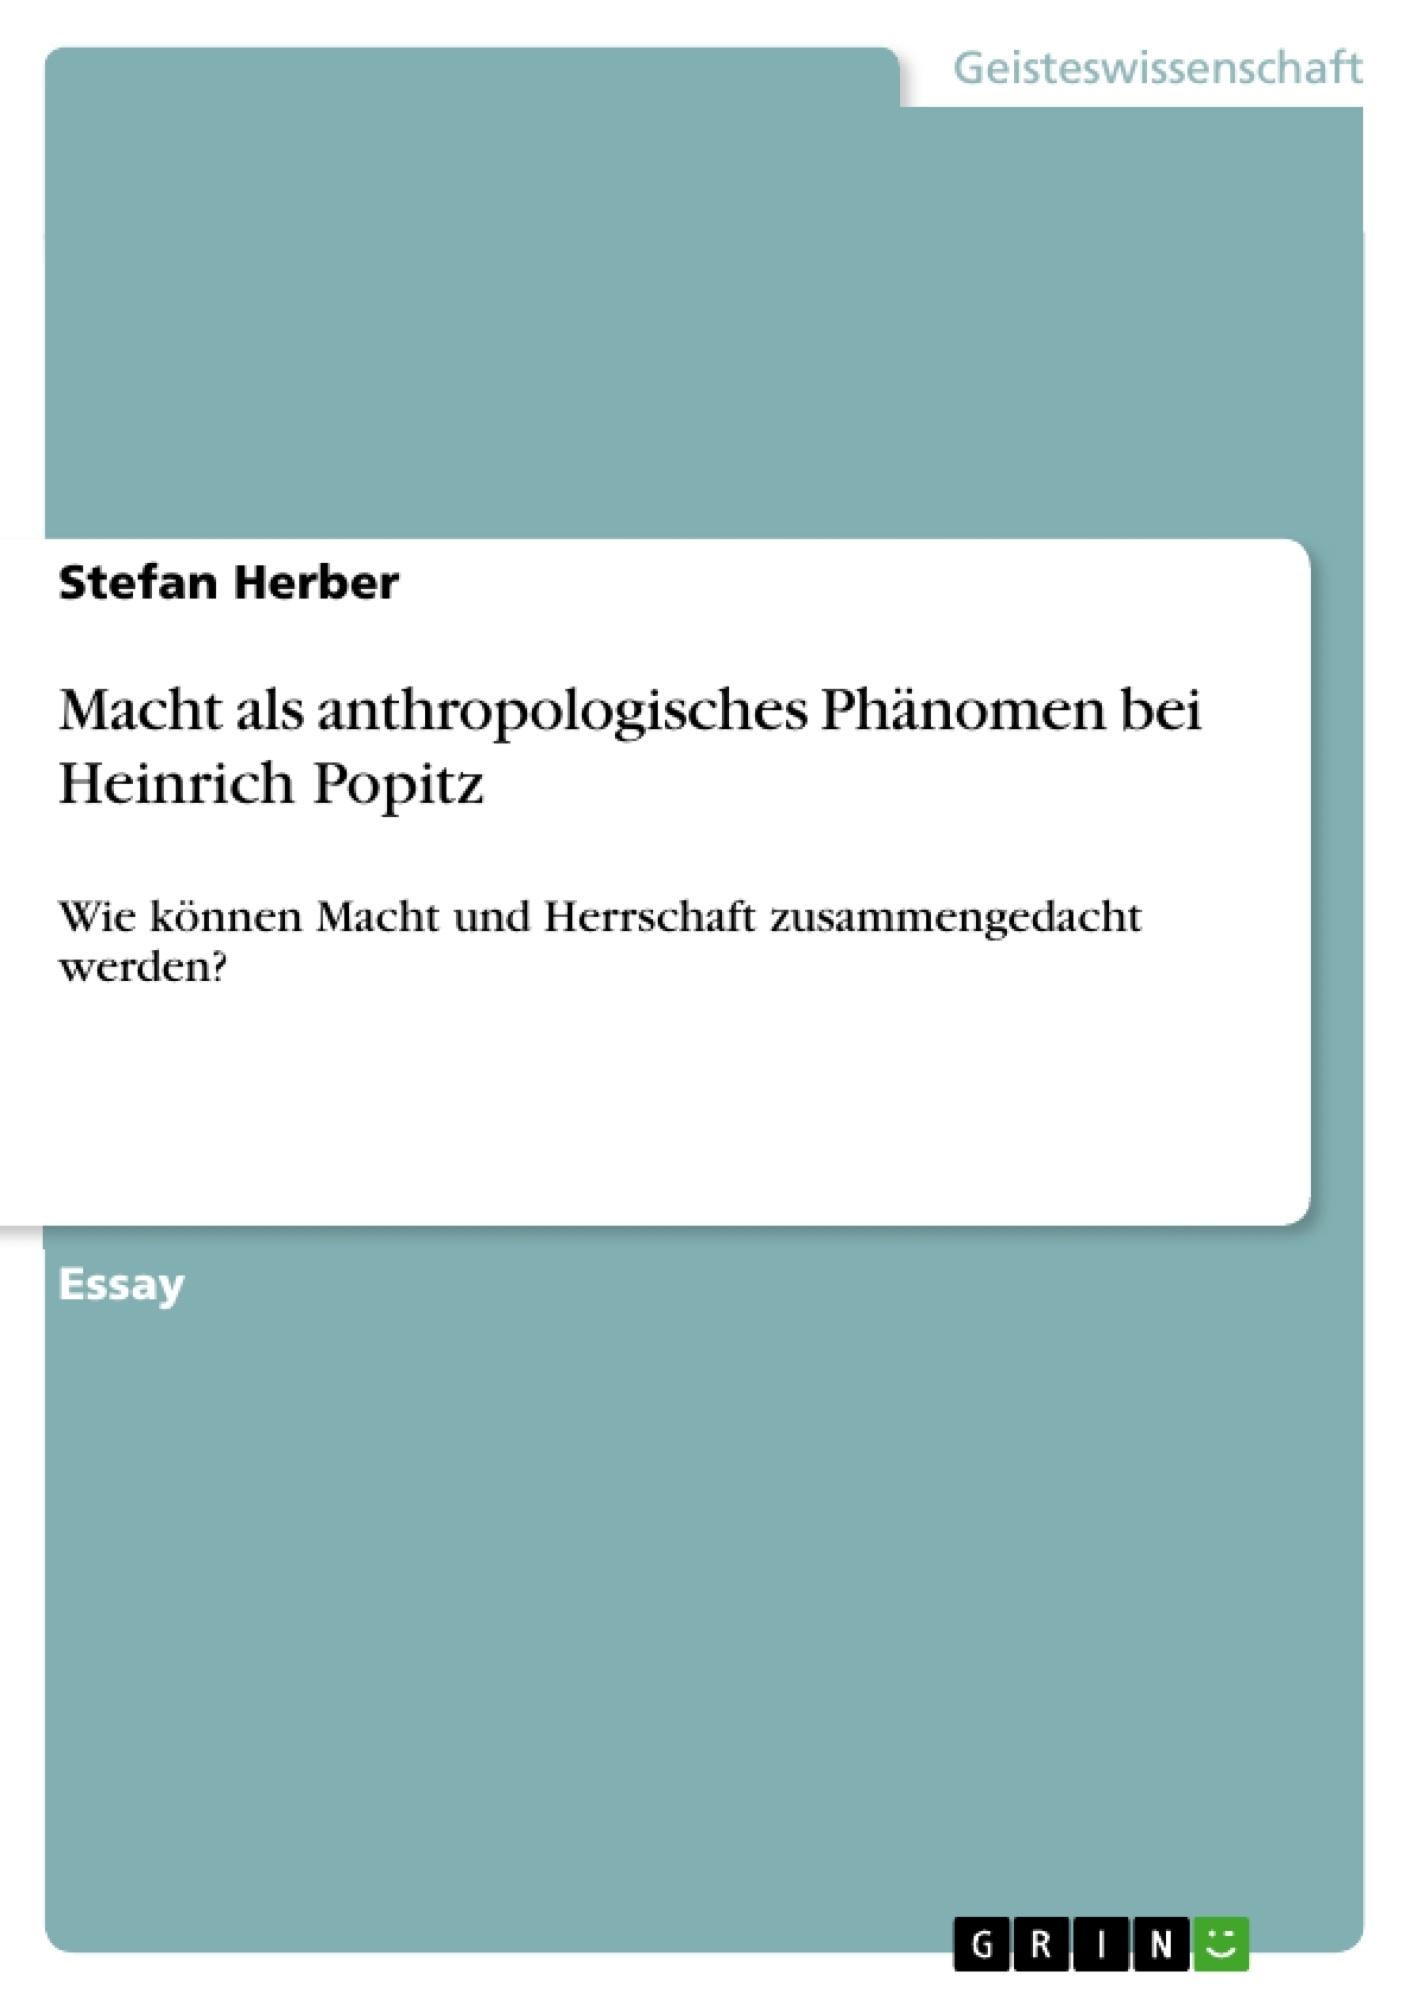 Titel: Macht als anthropologisches Phänomen bei Heinrich Popitz